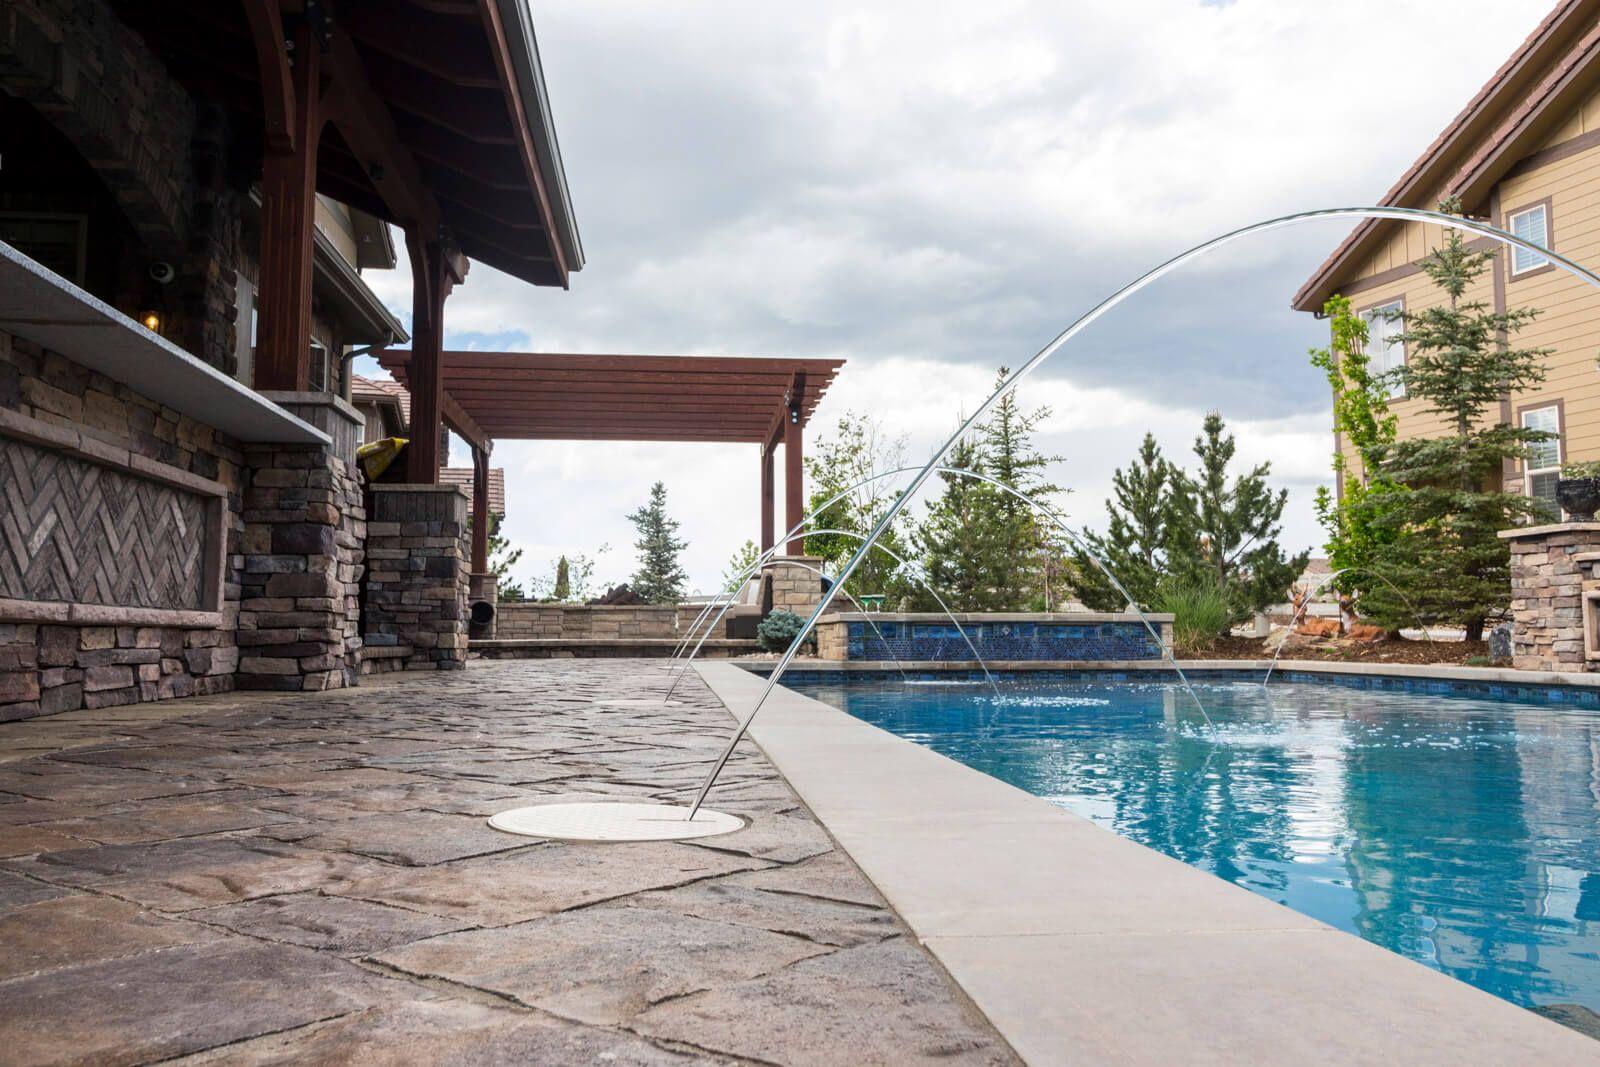 Myths About Pavers - Elite Landscape & Outdoor Living ... on Elite Landscape And Outdoor Living id=27781